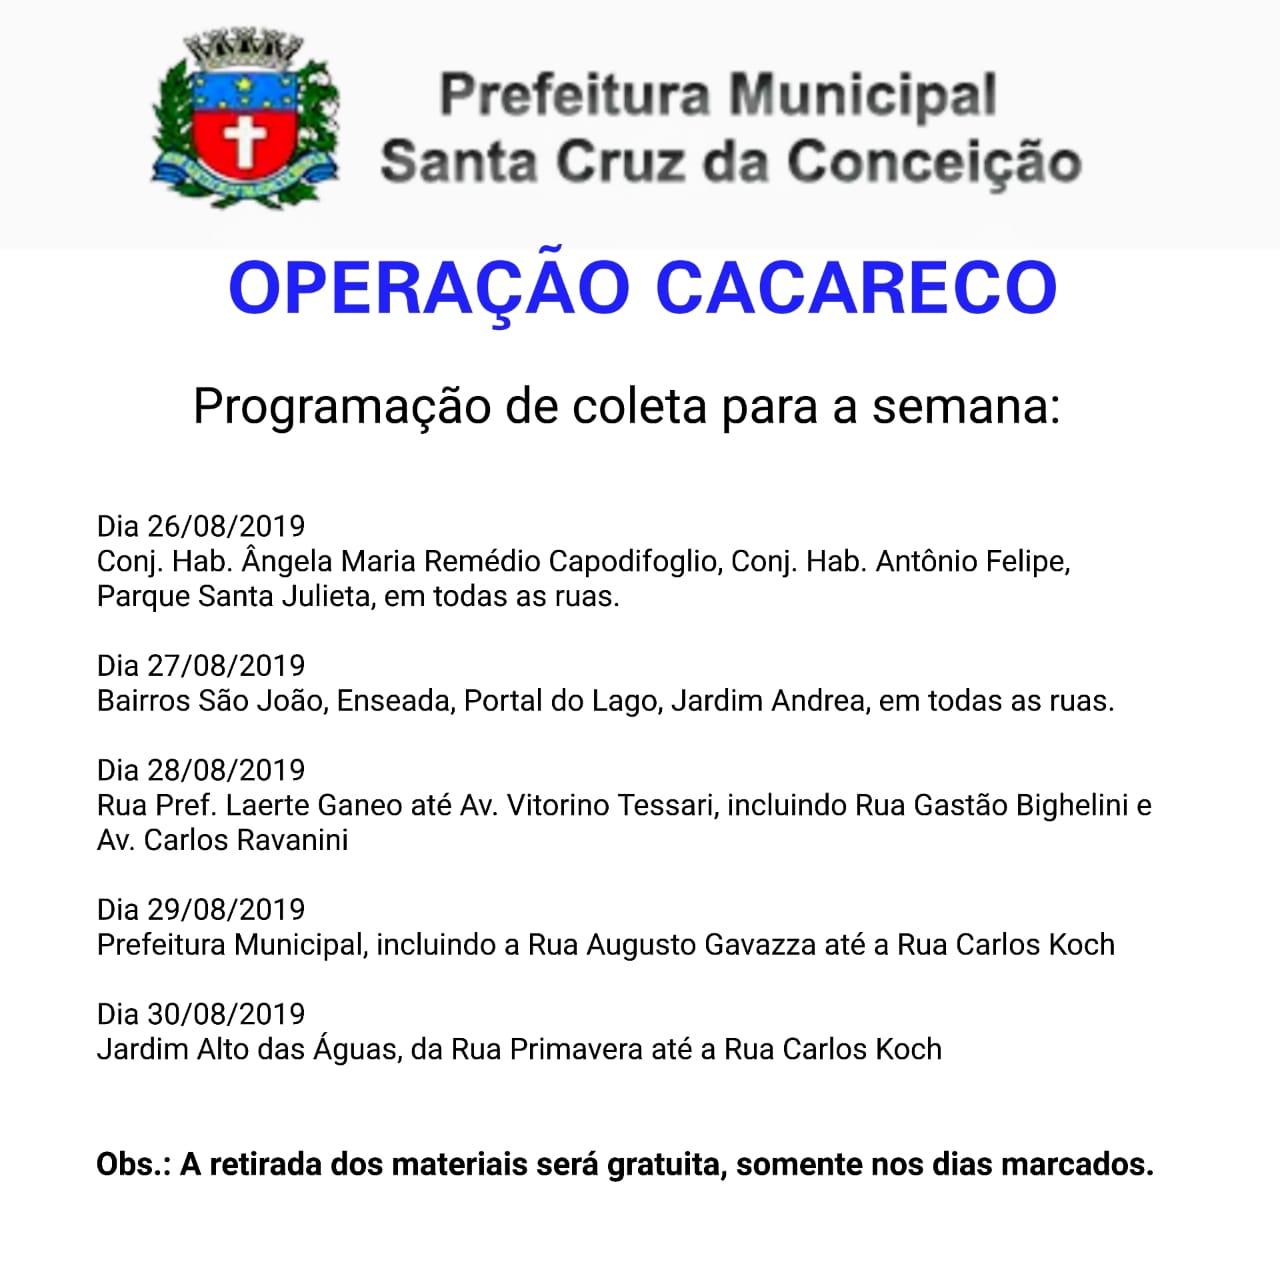 OPERAÇÃO CACARECO - AGOSTO 2019